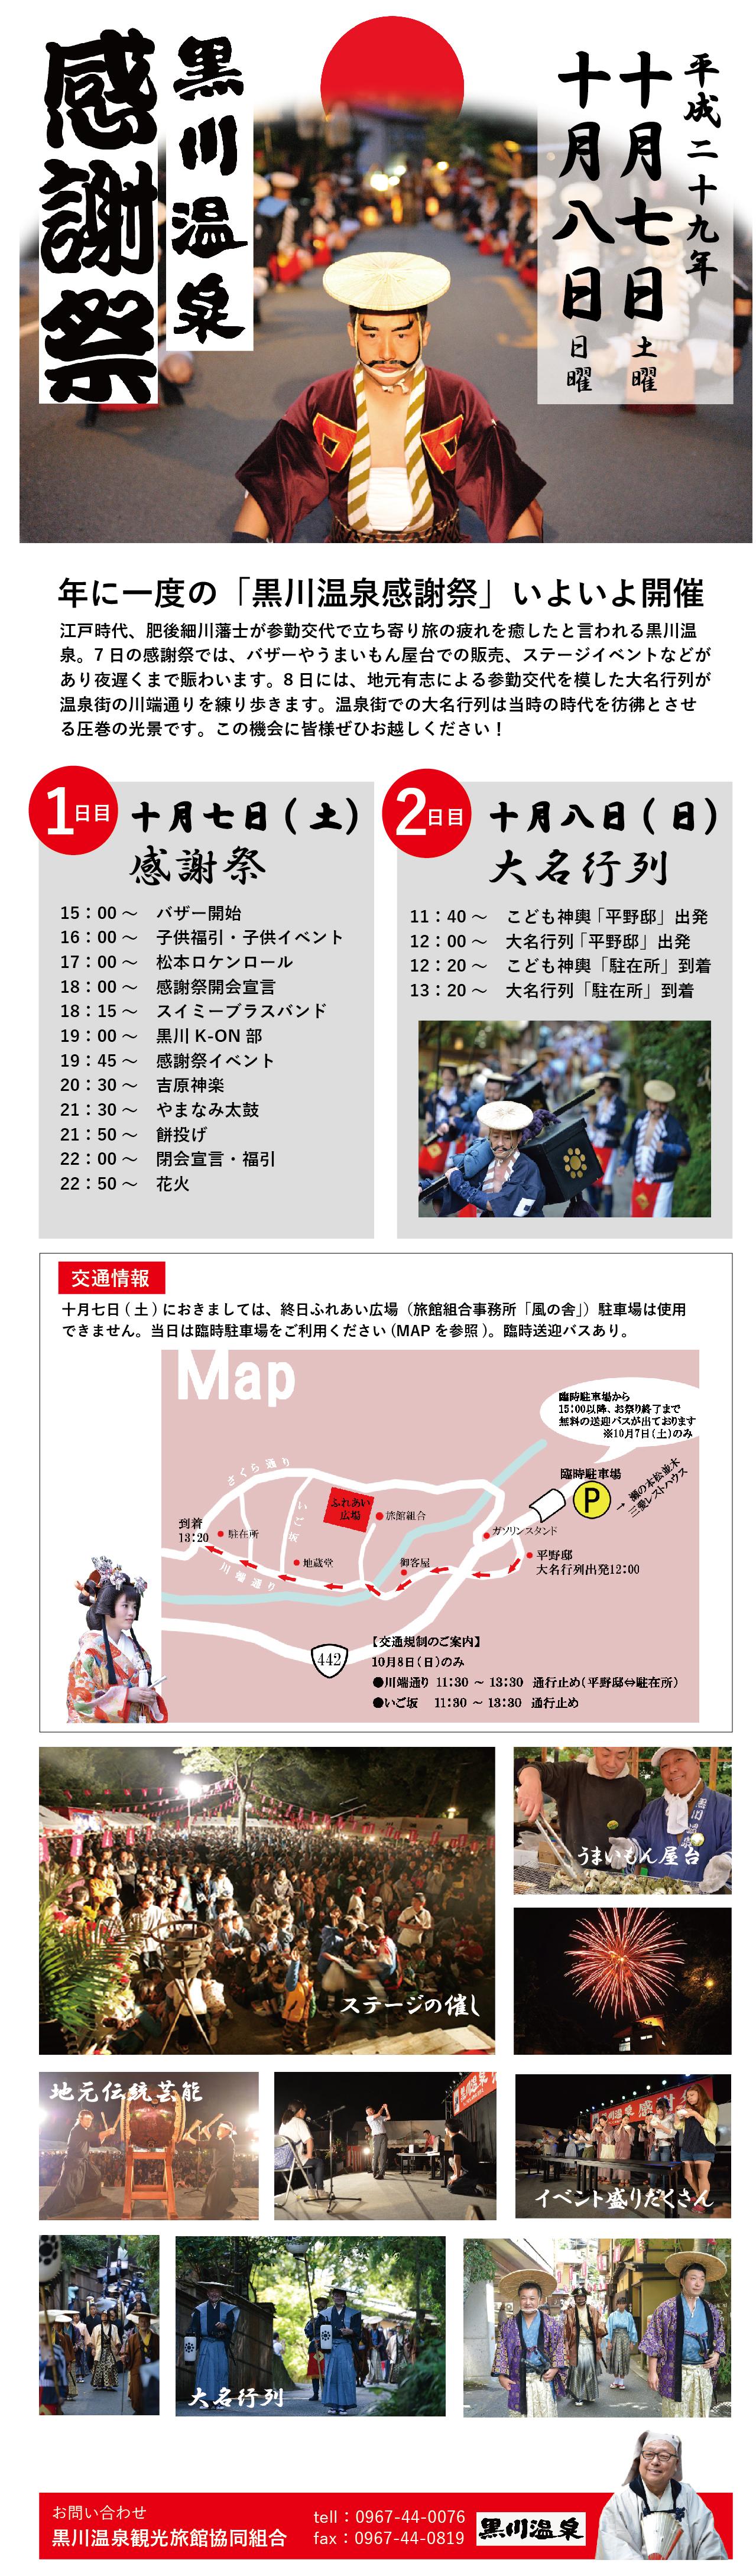 黒川温泉感謝祭2017